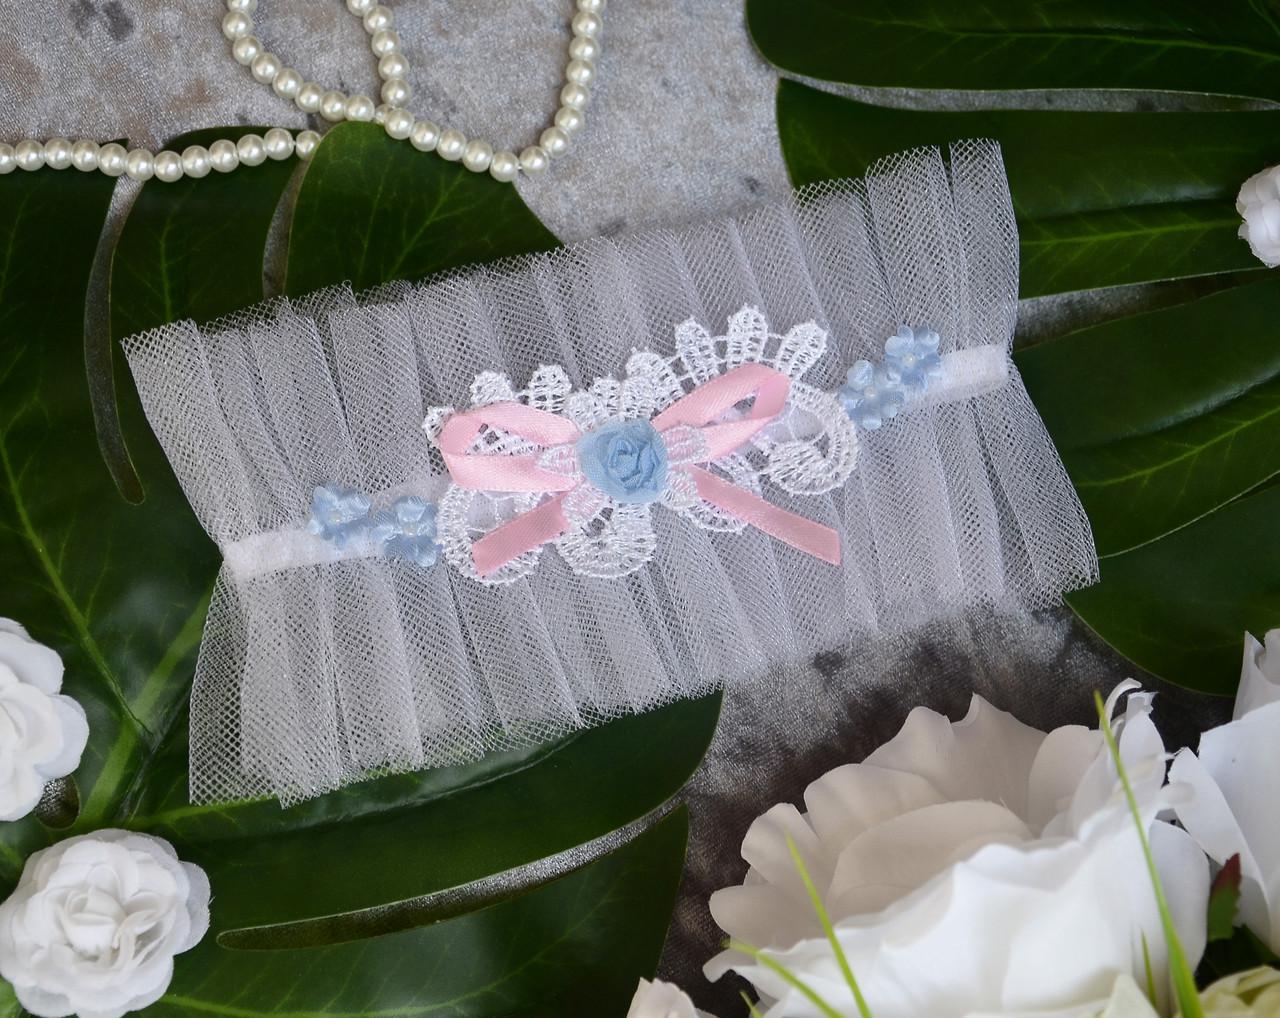 Свадебная белая подвязка на ногу для невесты с голубыми и розовыми элементами